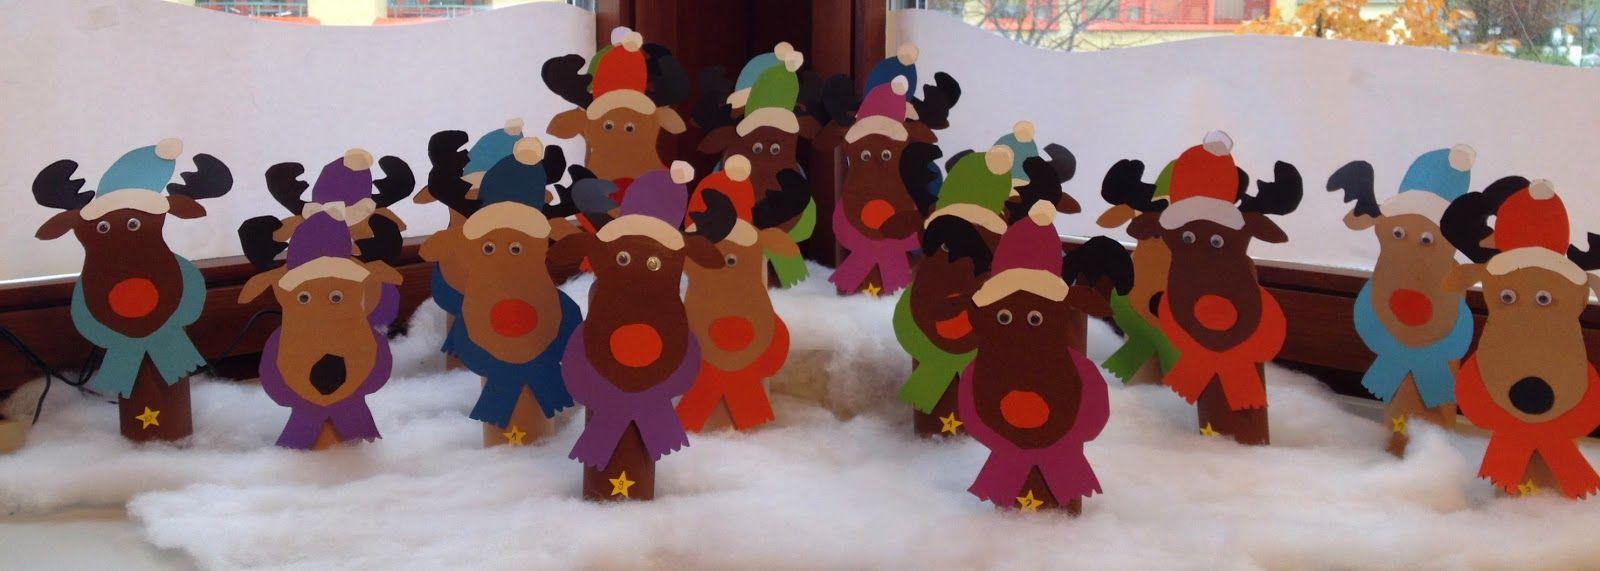 KLASSENKUNST: Die etwas andere Weihnachtskarte